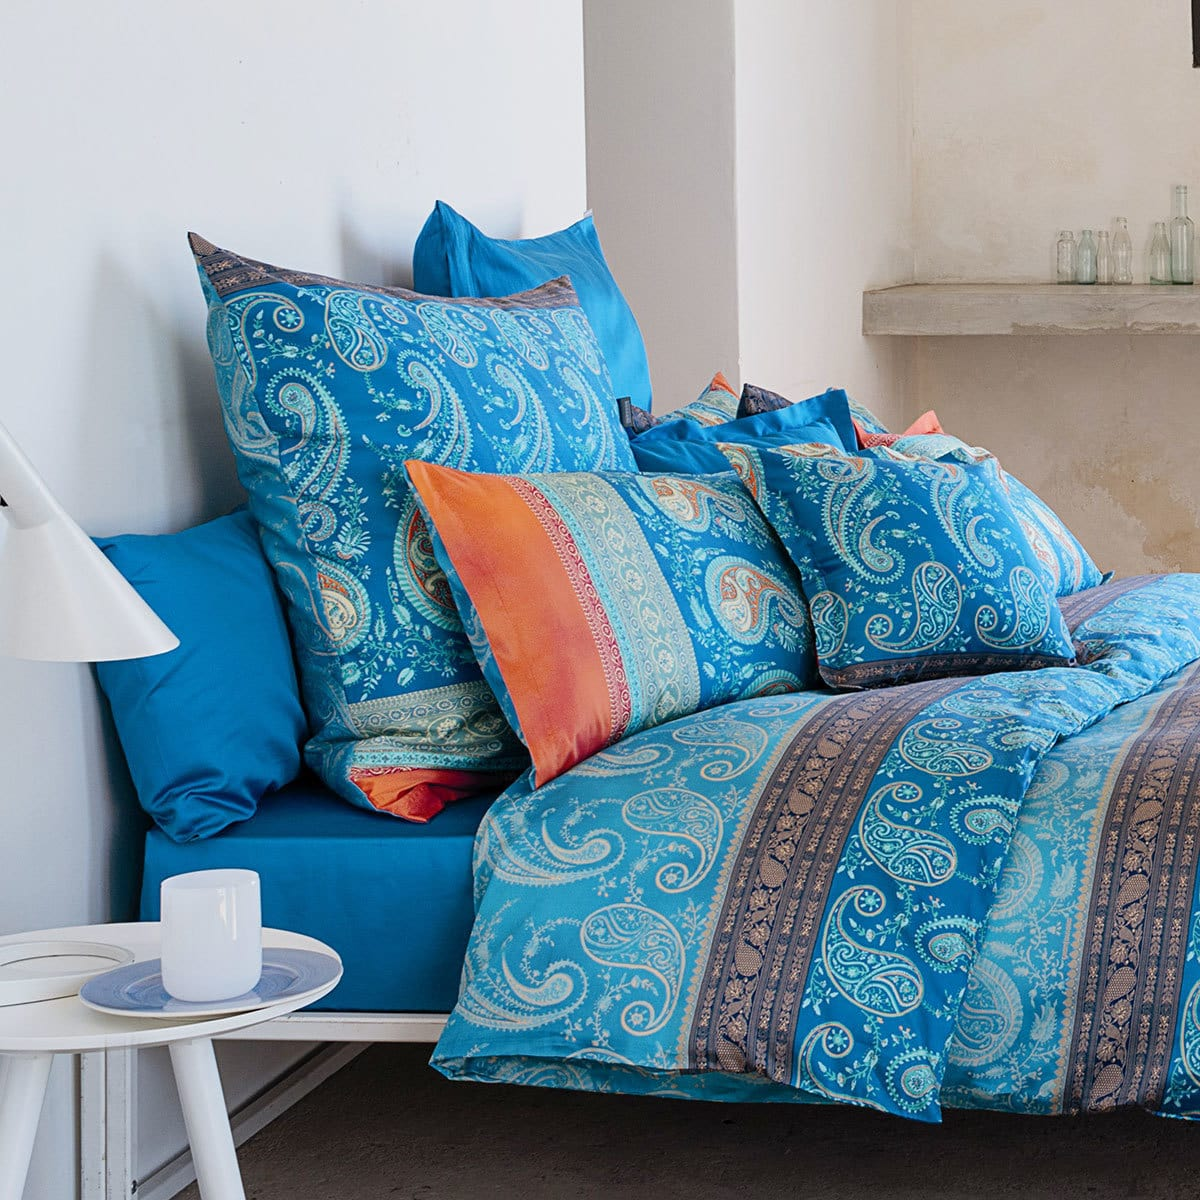 bassetti mako satin bettw sche scauri v3 g nstig online kaufen bei bettwaren shop. Black Bedroom Furniture Sets. Home Design Ideas